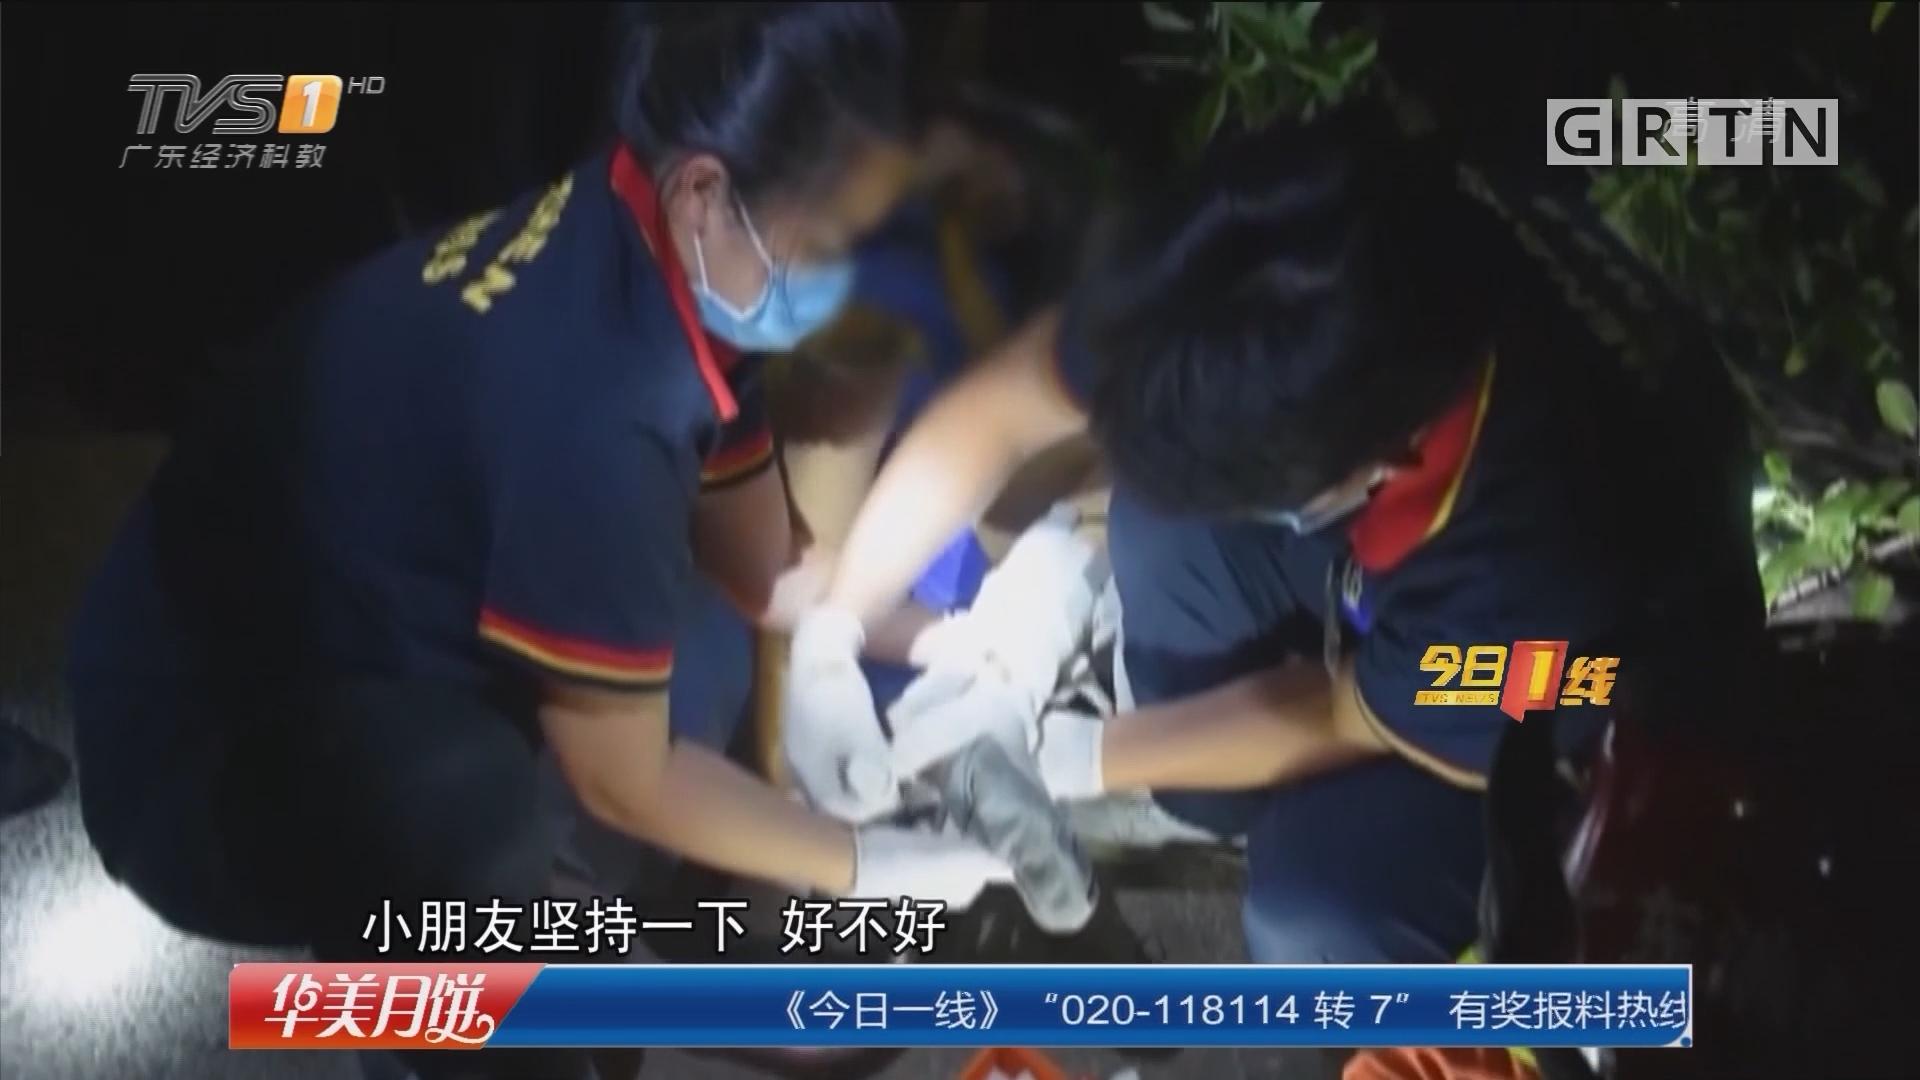 深圳宝安区:男孩12楼坠下奇迹生还 消防施救